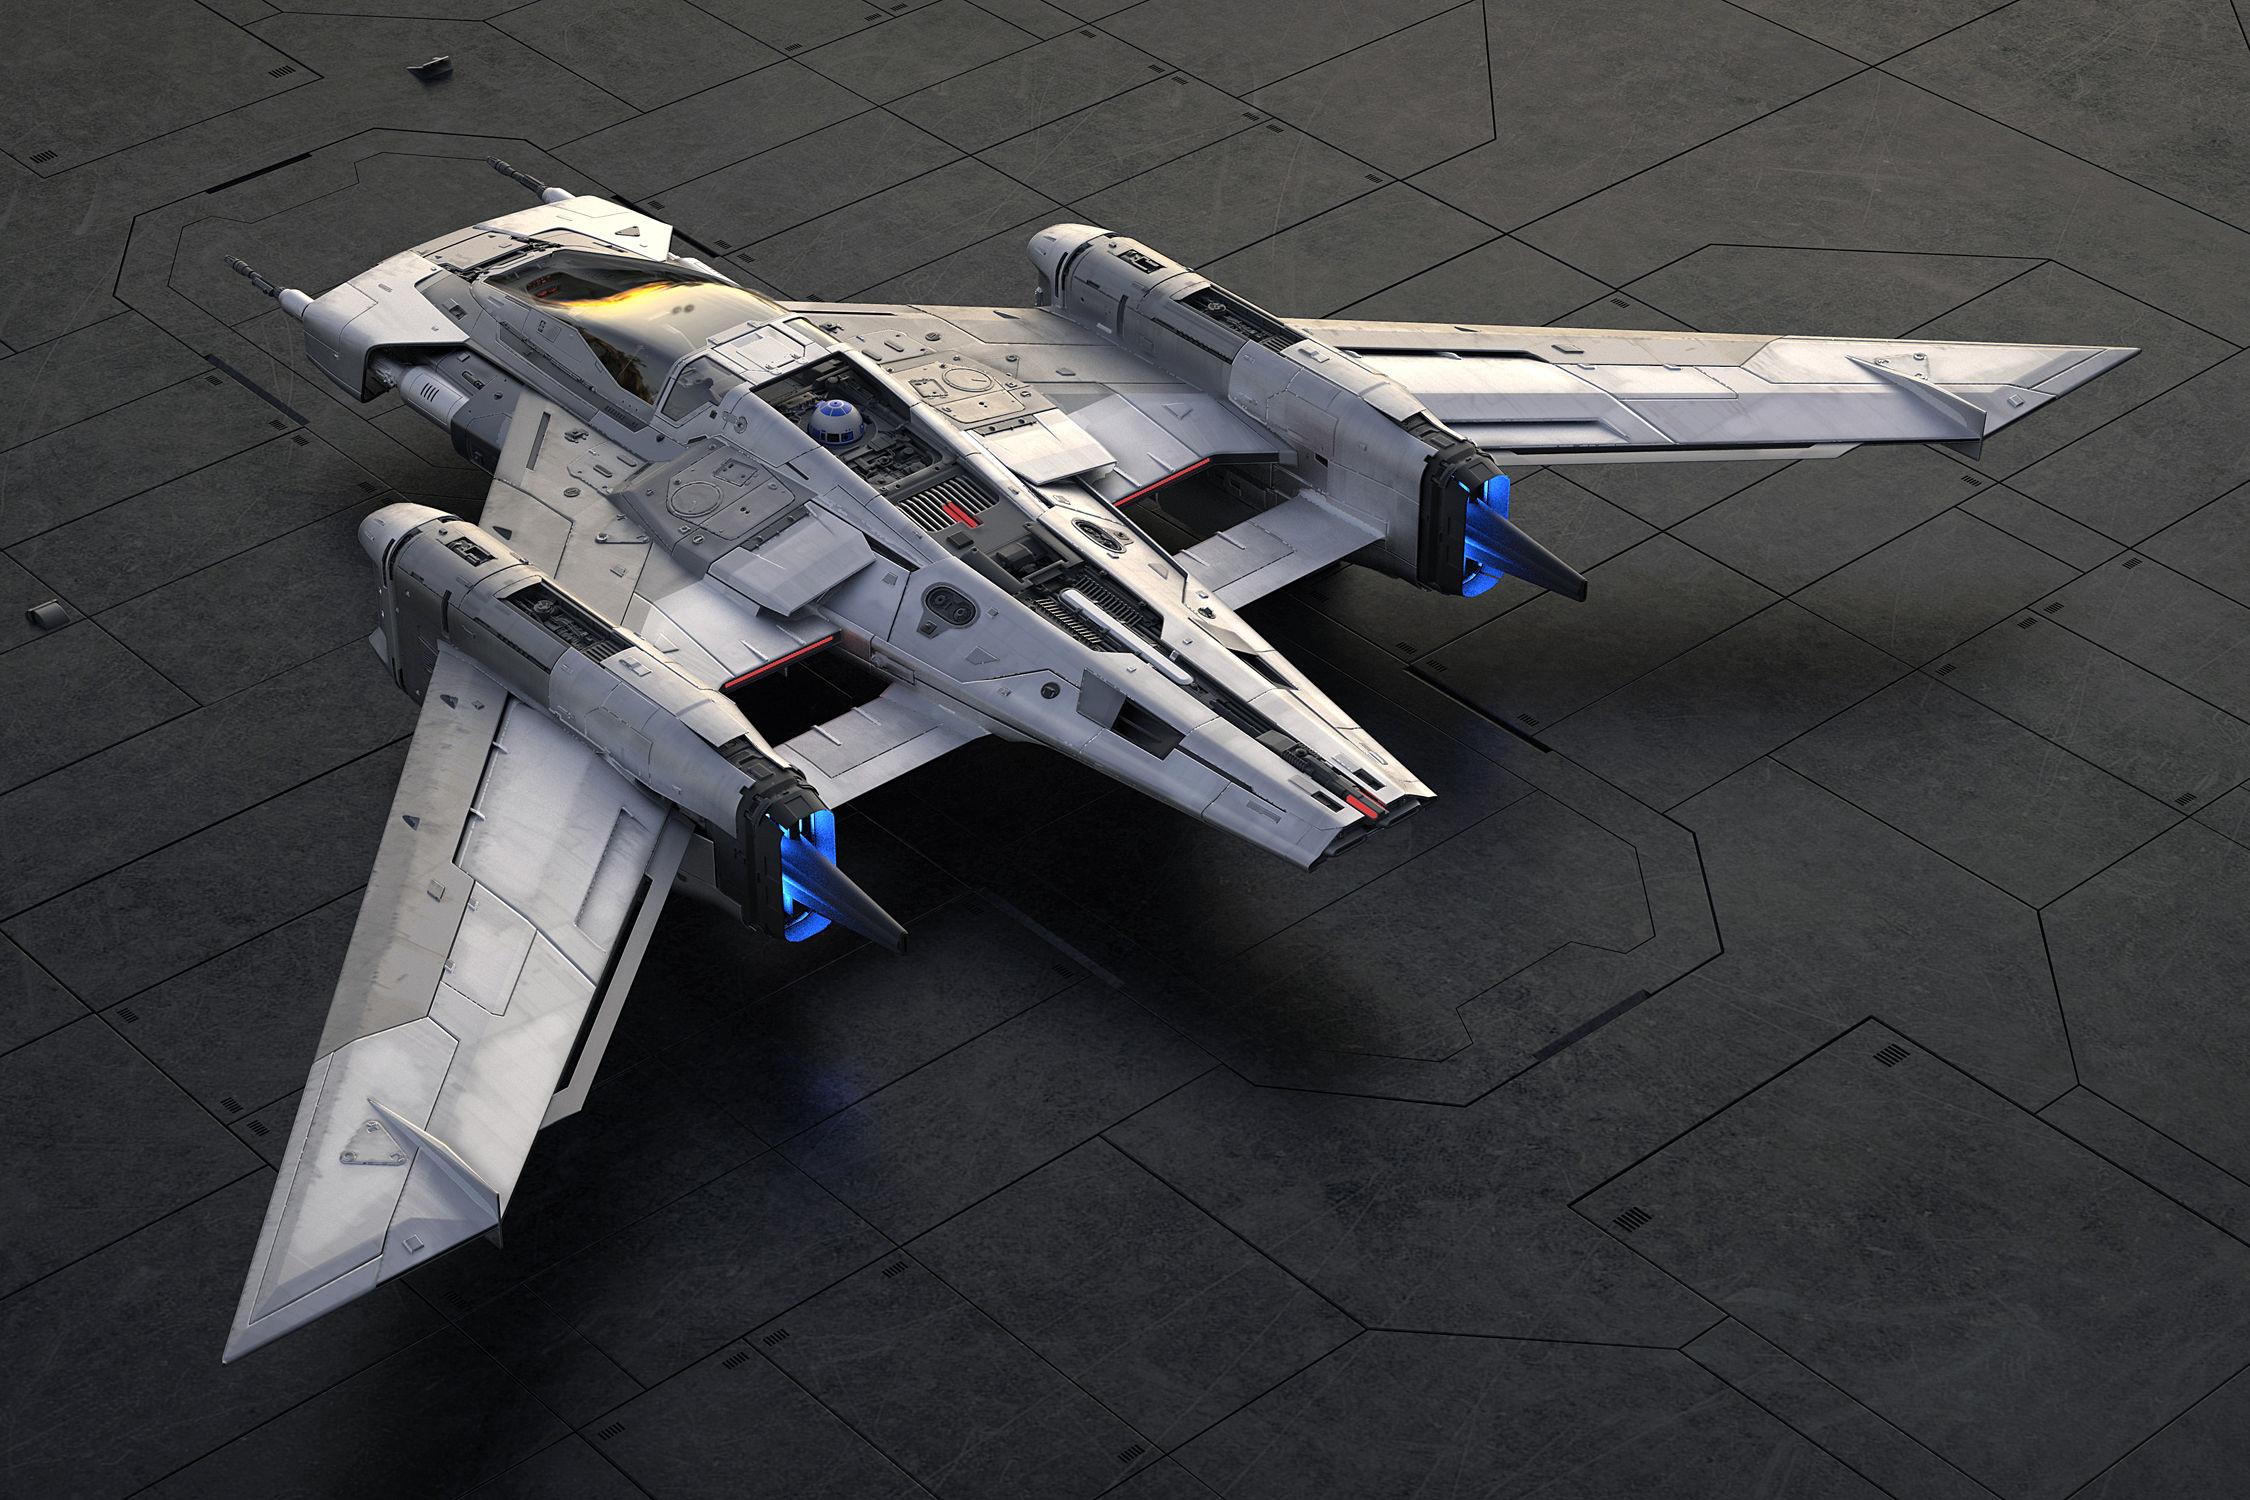 Porsche s'invite dans l'univers Star Wars avec un vaisseau spatial